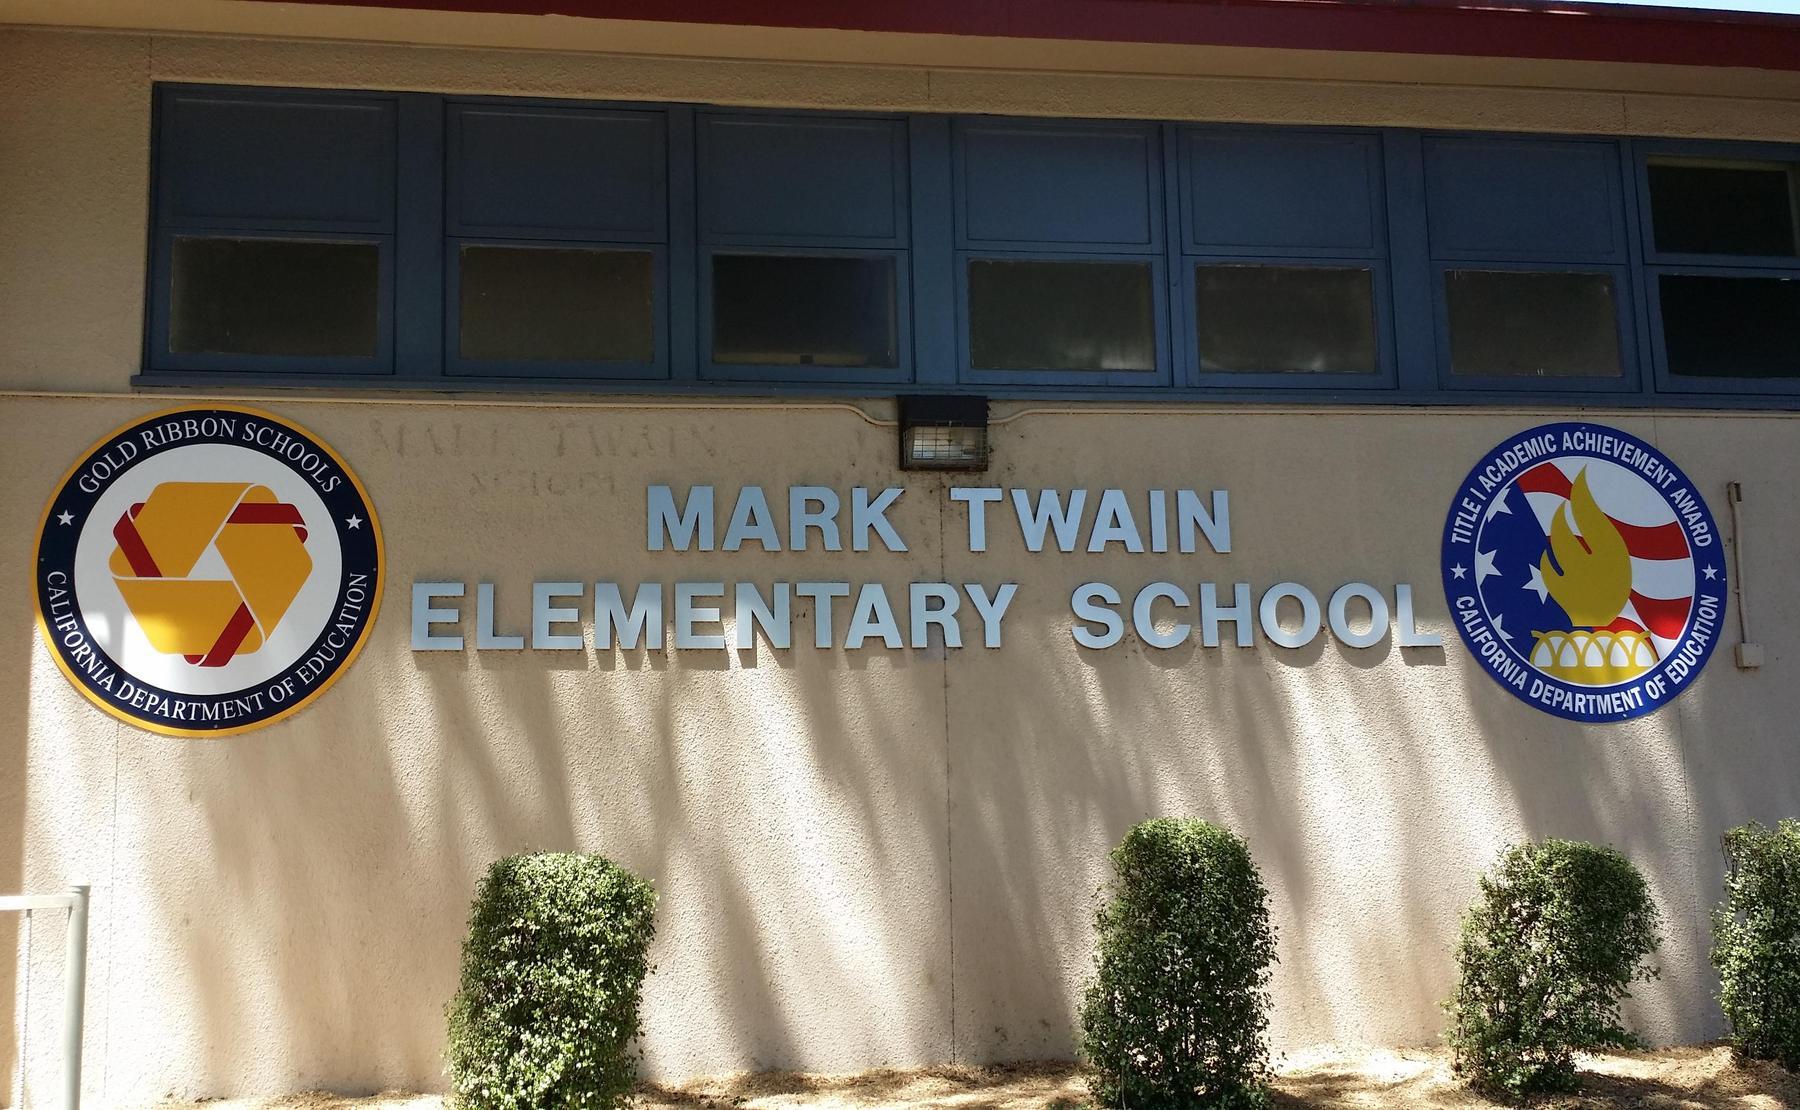 Mark Twain Elementary